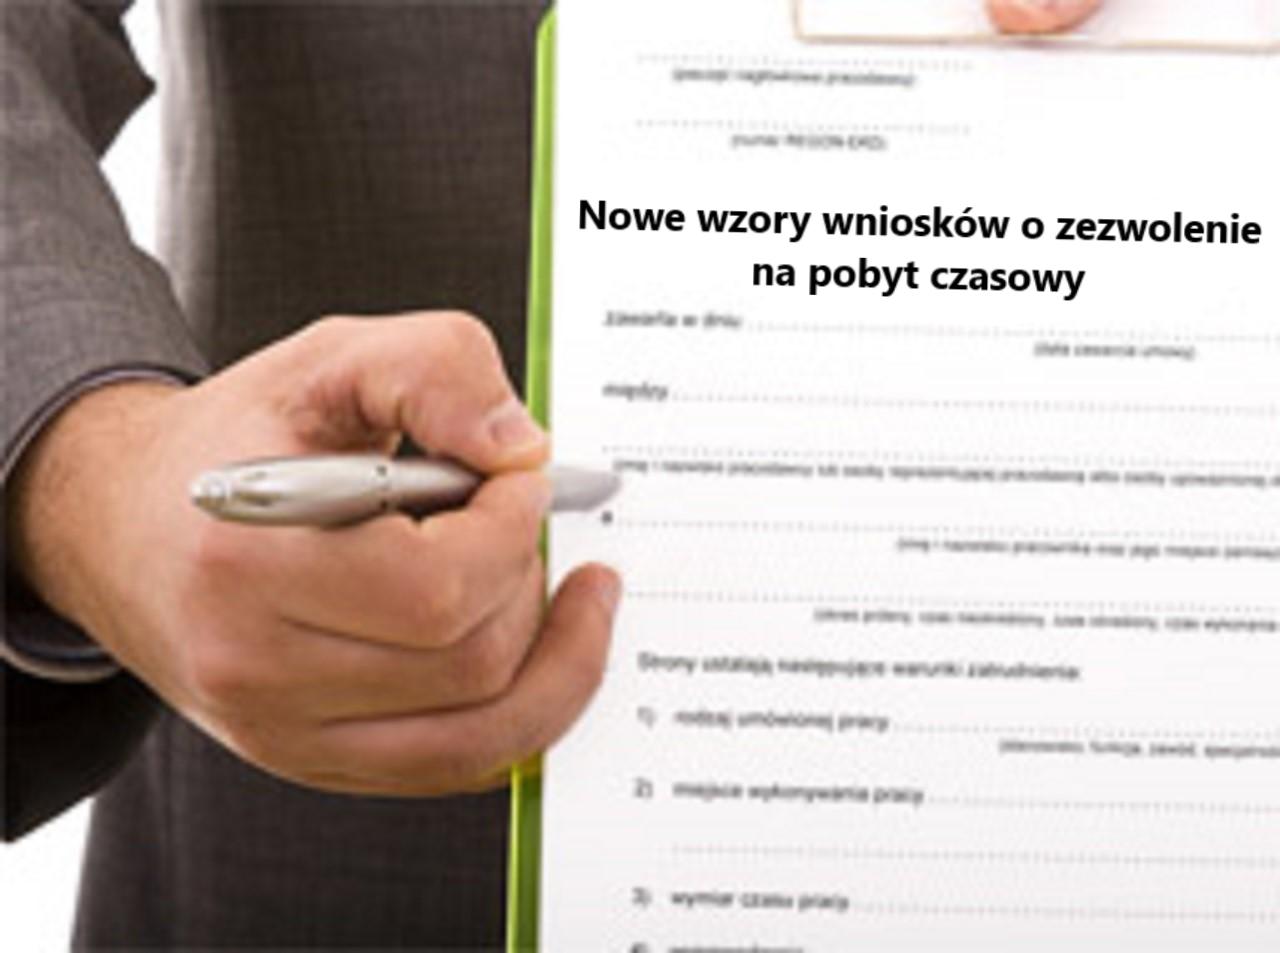 Nowe zasady uzyskania zezwoleń na pobyt w Polsce dla cudzoziemców